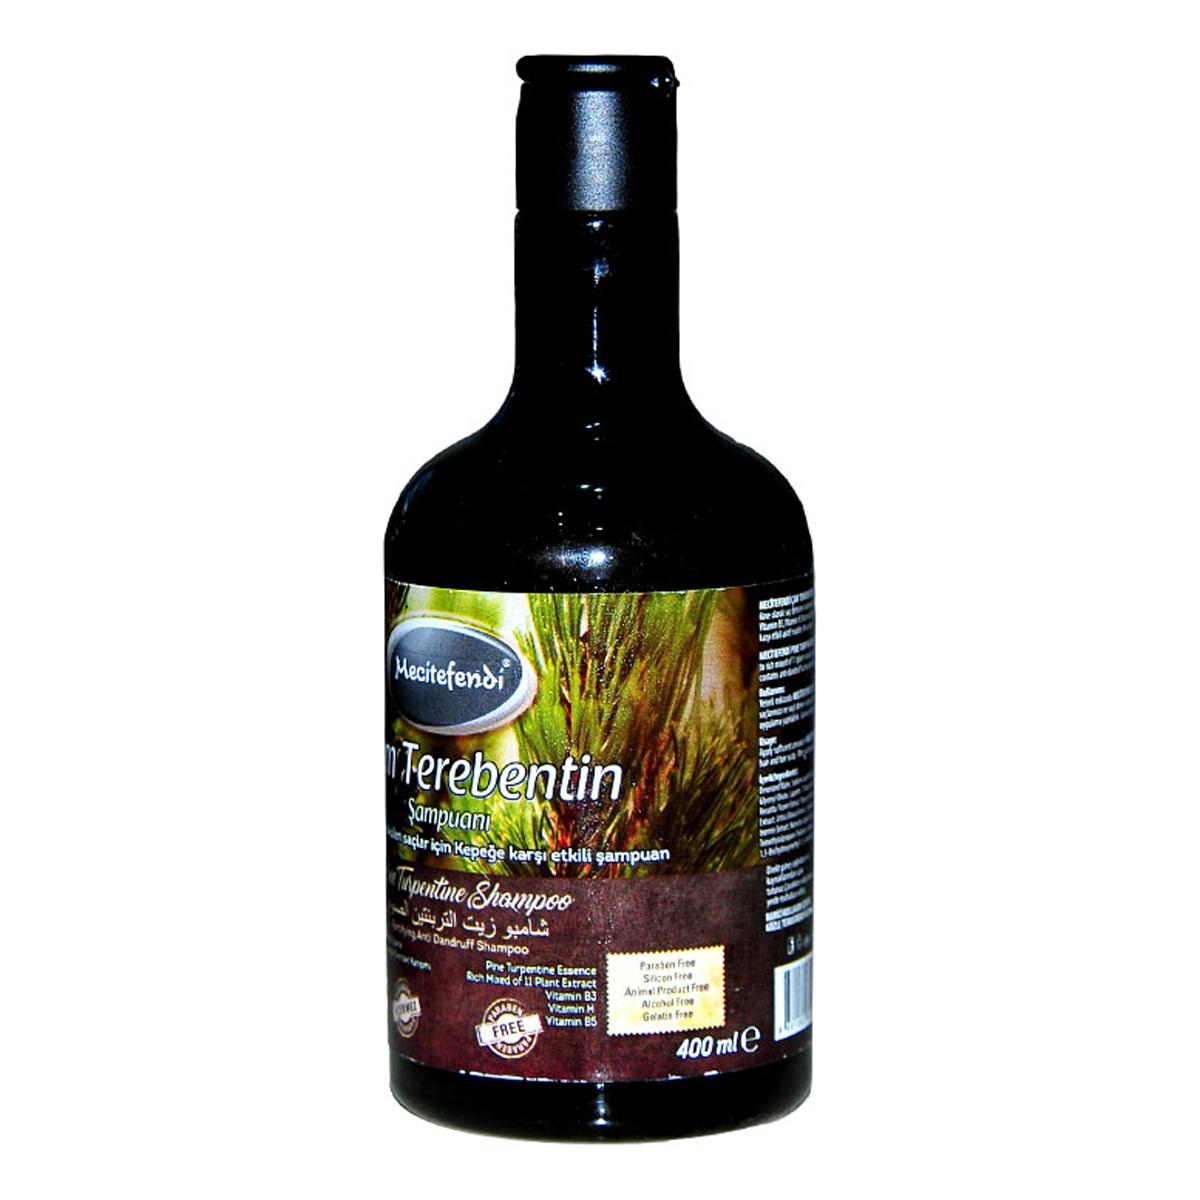 Mecitefendi Çam Terebentin Şampuanı 400 ML ürünü LokmanAVM EPttAVM mağazamızdan güvenle satın alabilirsiniz.